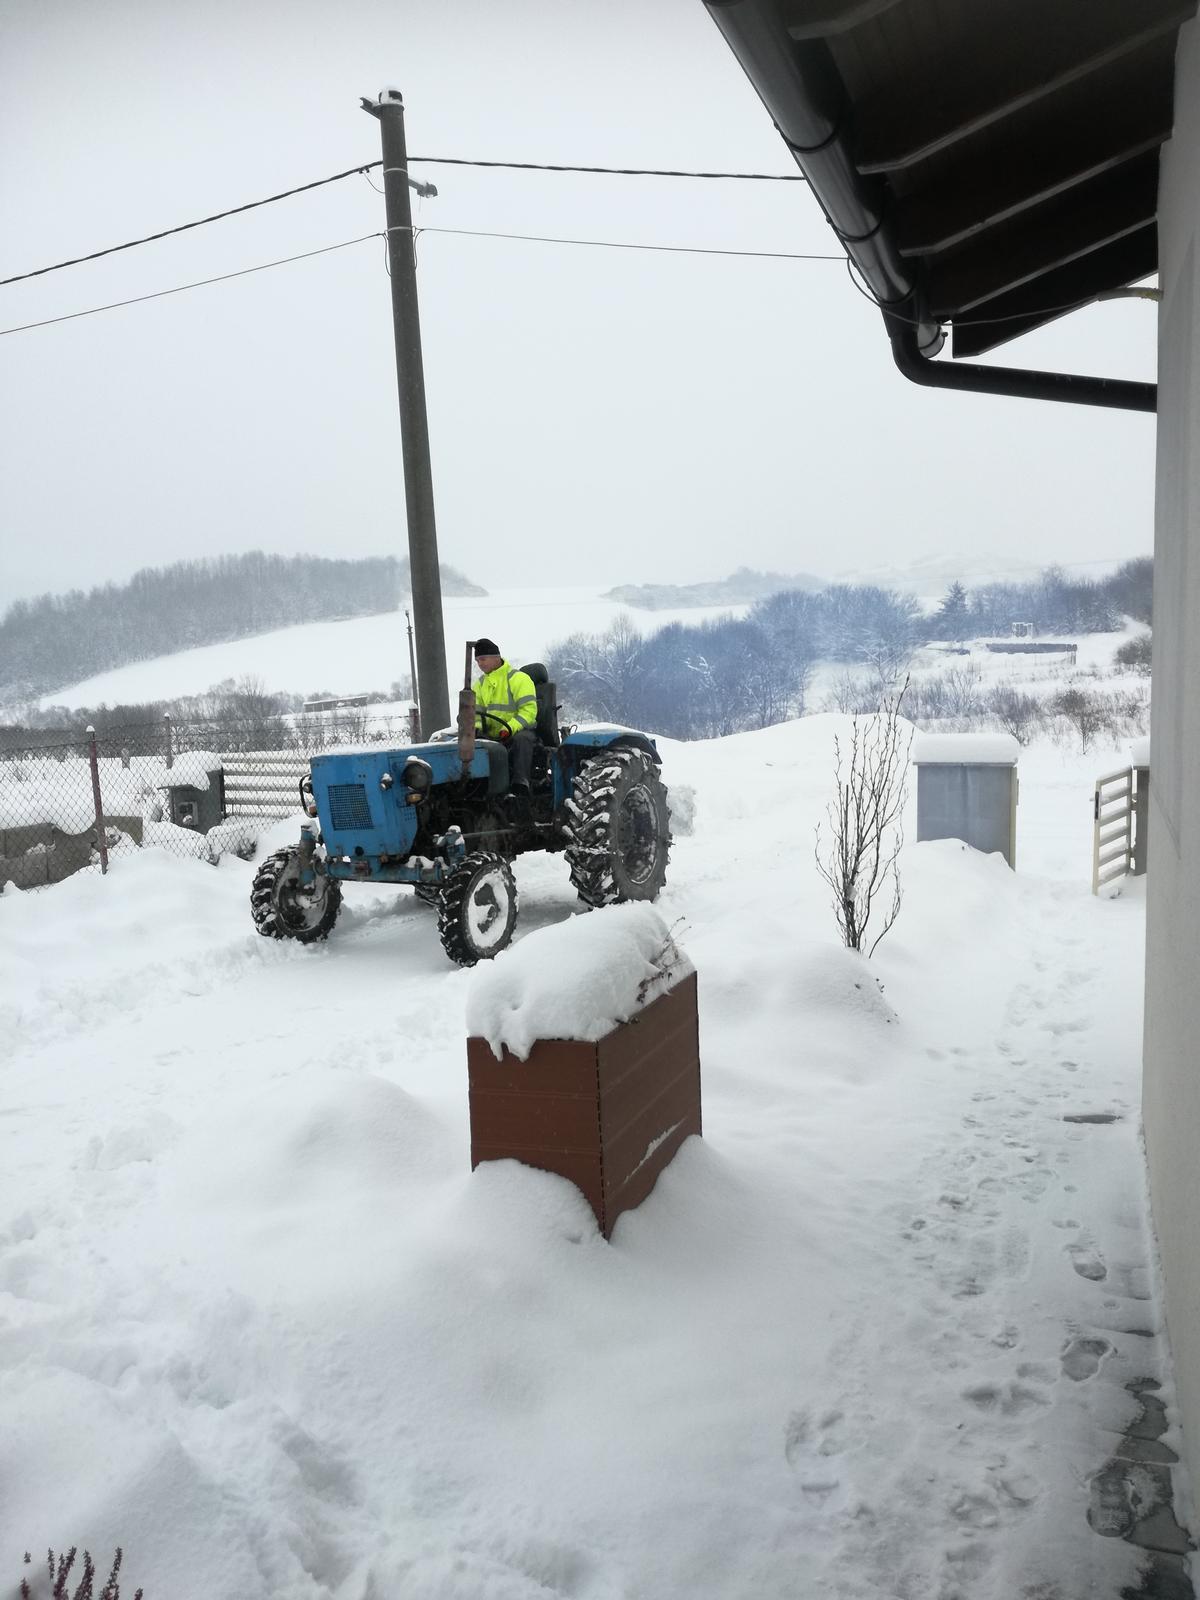 Domček na kopčeku - Padá sniežik padá.... musíme si pomôcť lebo nás zasype